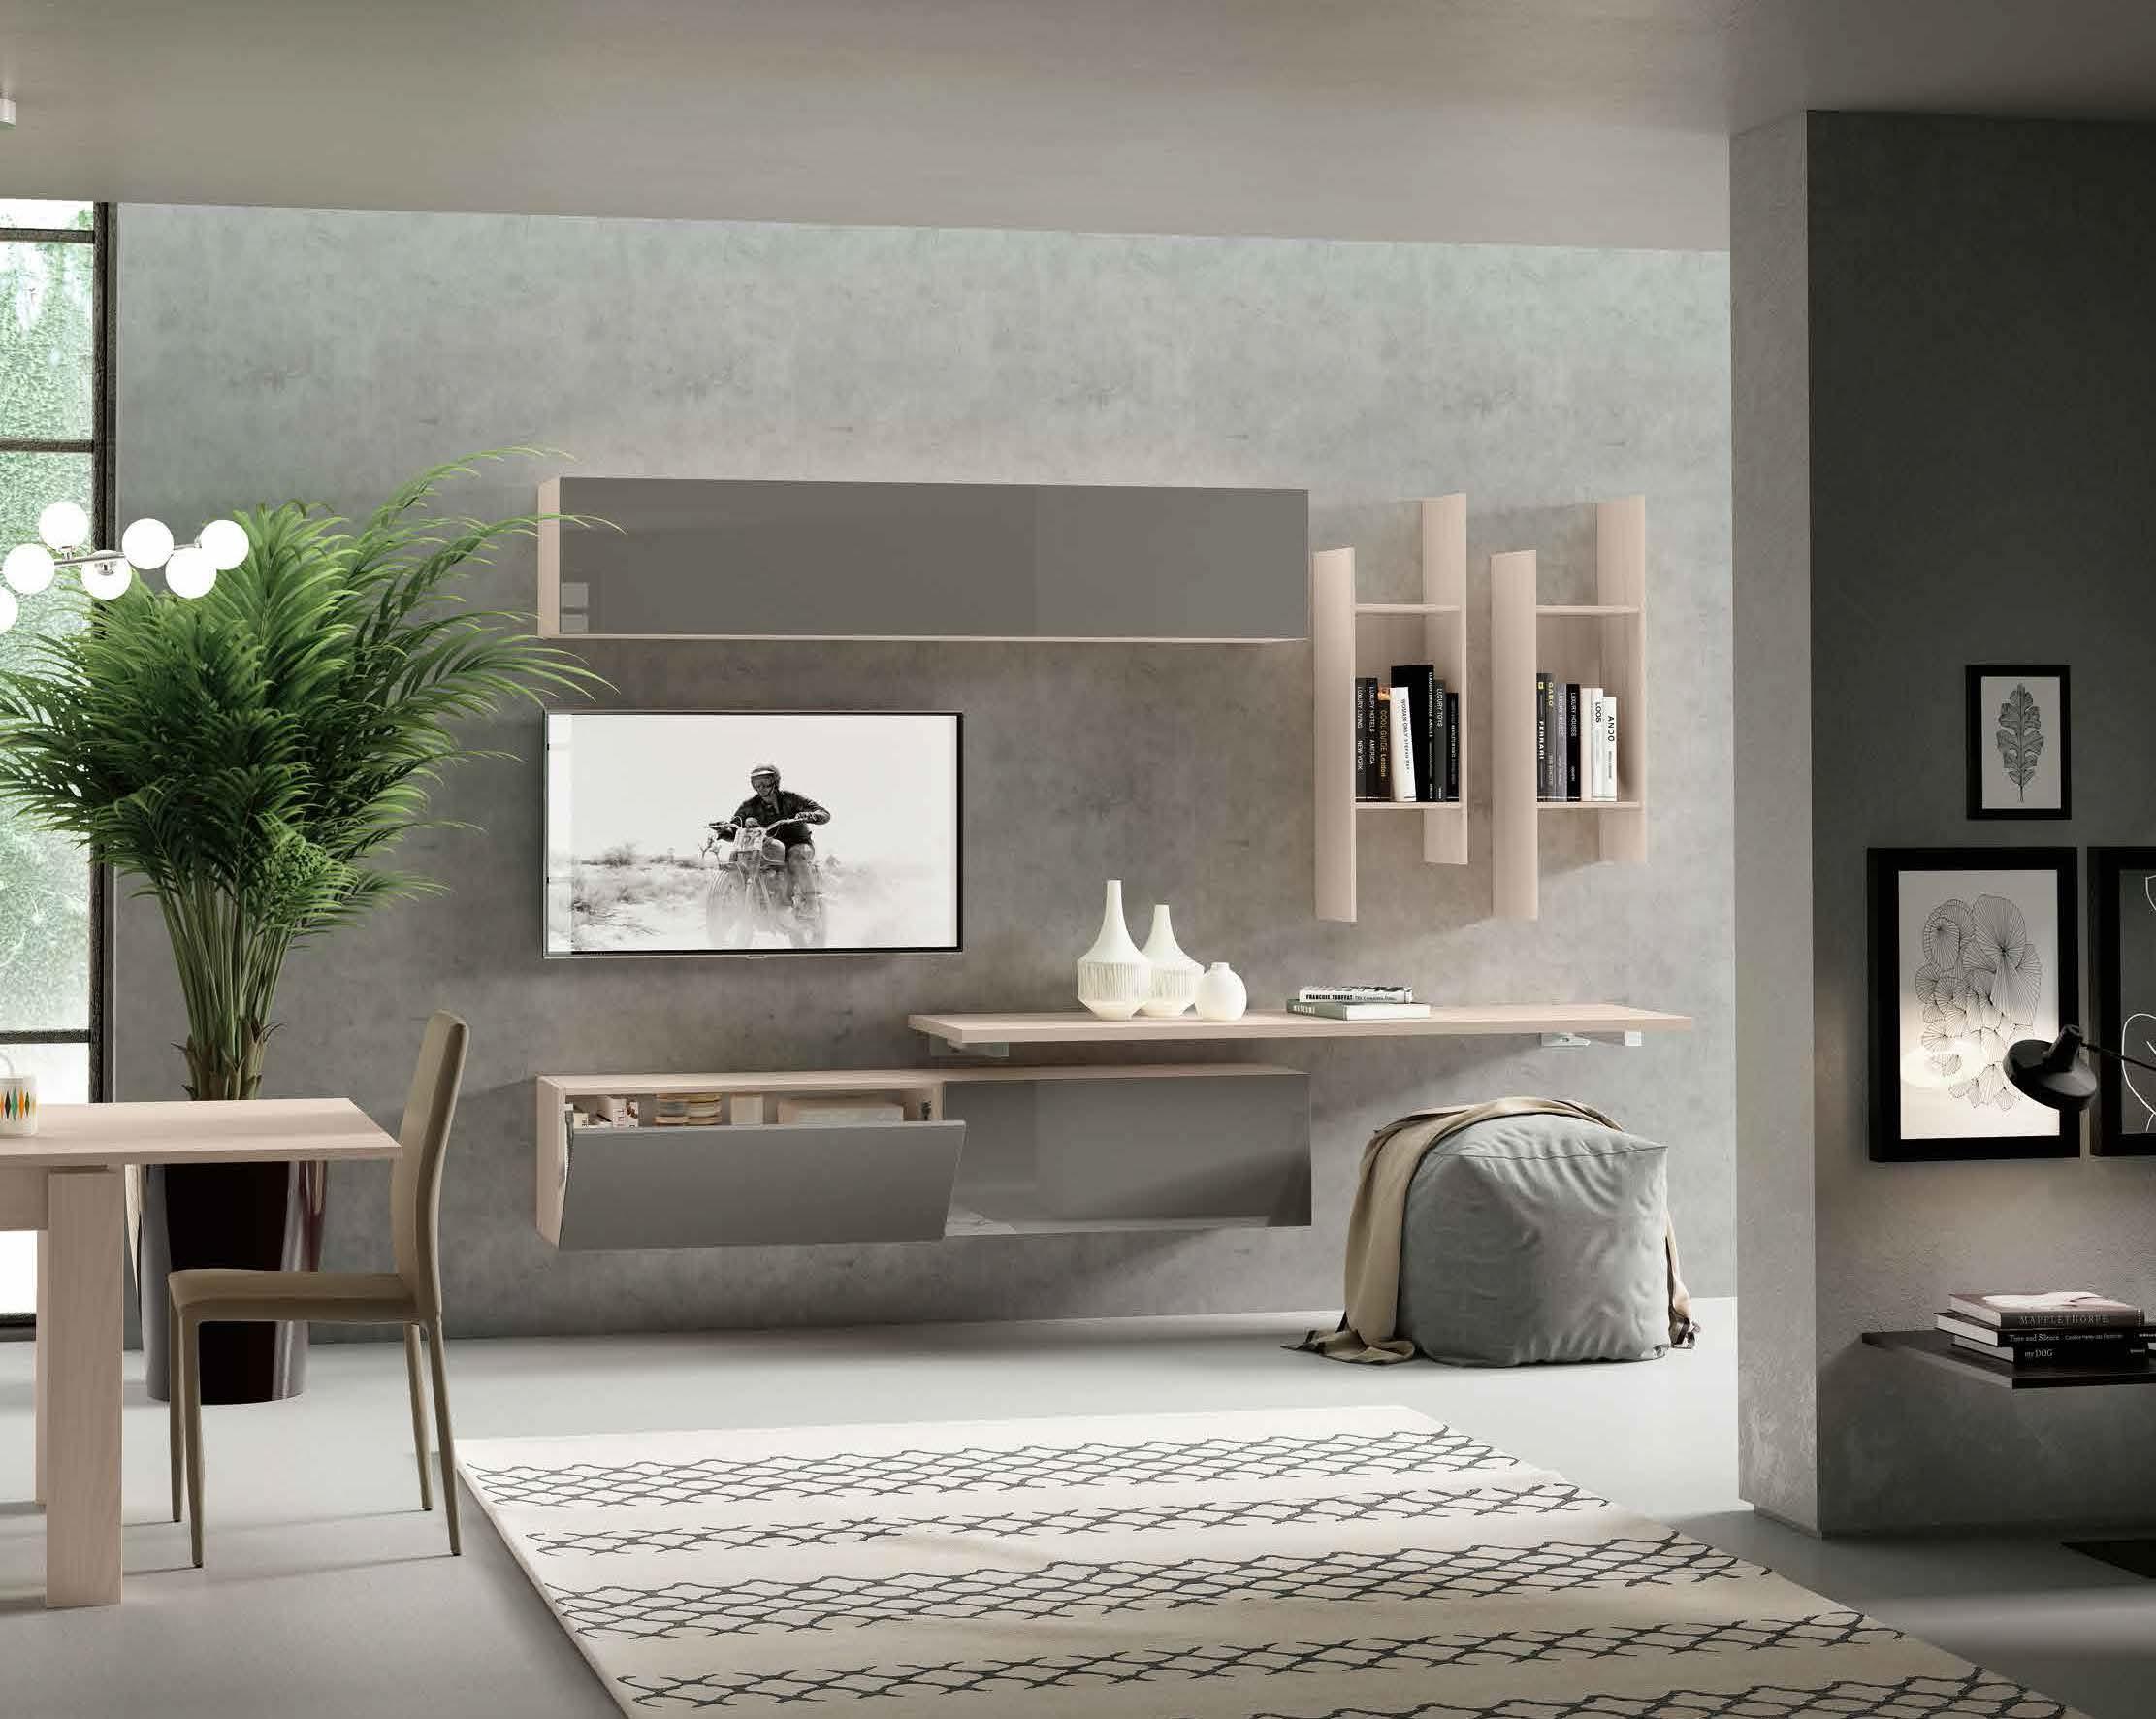 Soggiorni-moderni, pareti attrezzate | Reggiolo | IMPERIAL ARREDAMENTI